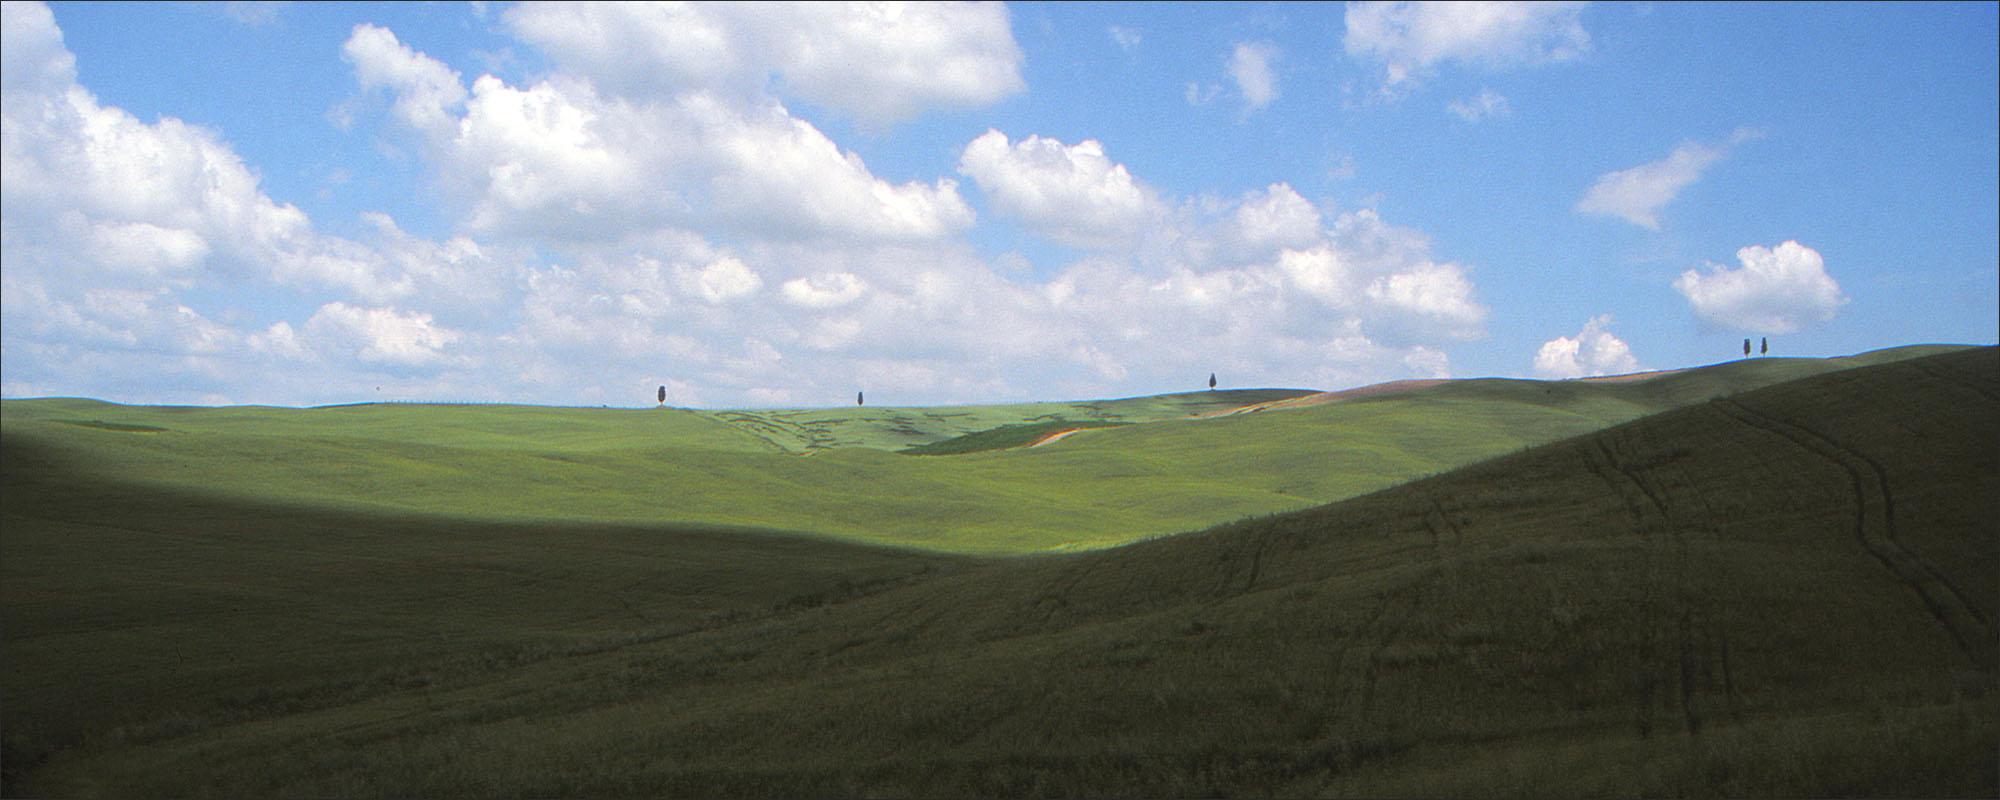 In Toscana wordt een eenvoudige heuvel een heel landschap.